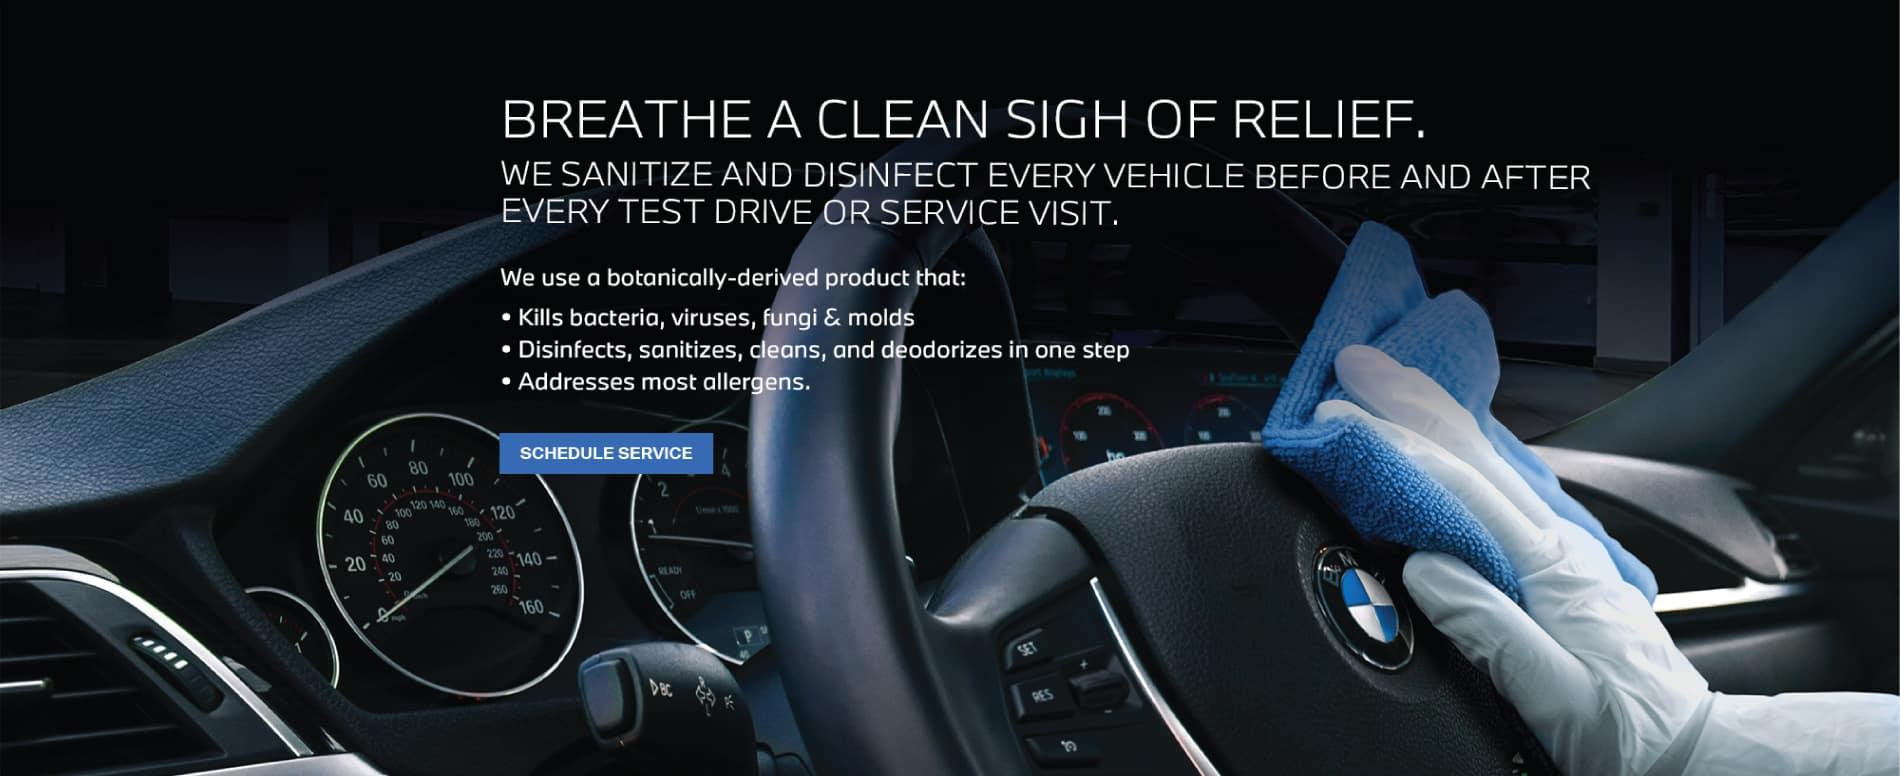 BMW_SanitizeSrvc_FMA2000x875_BreatheClean_TDS_4